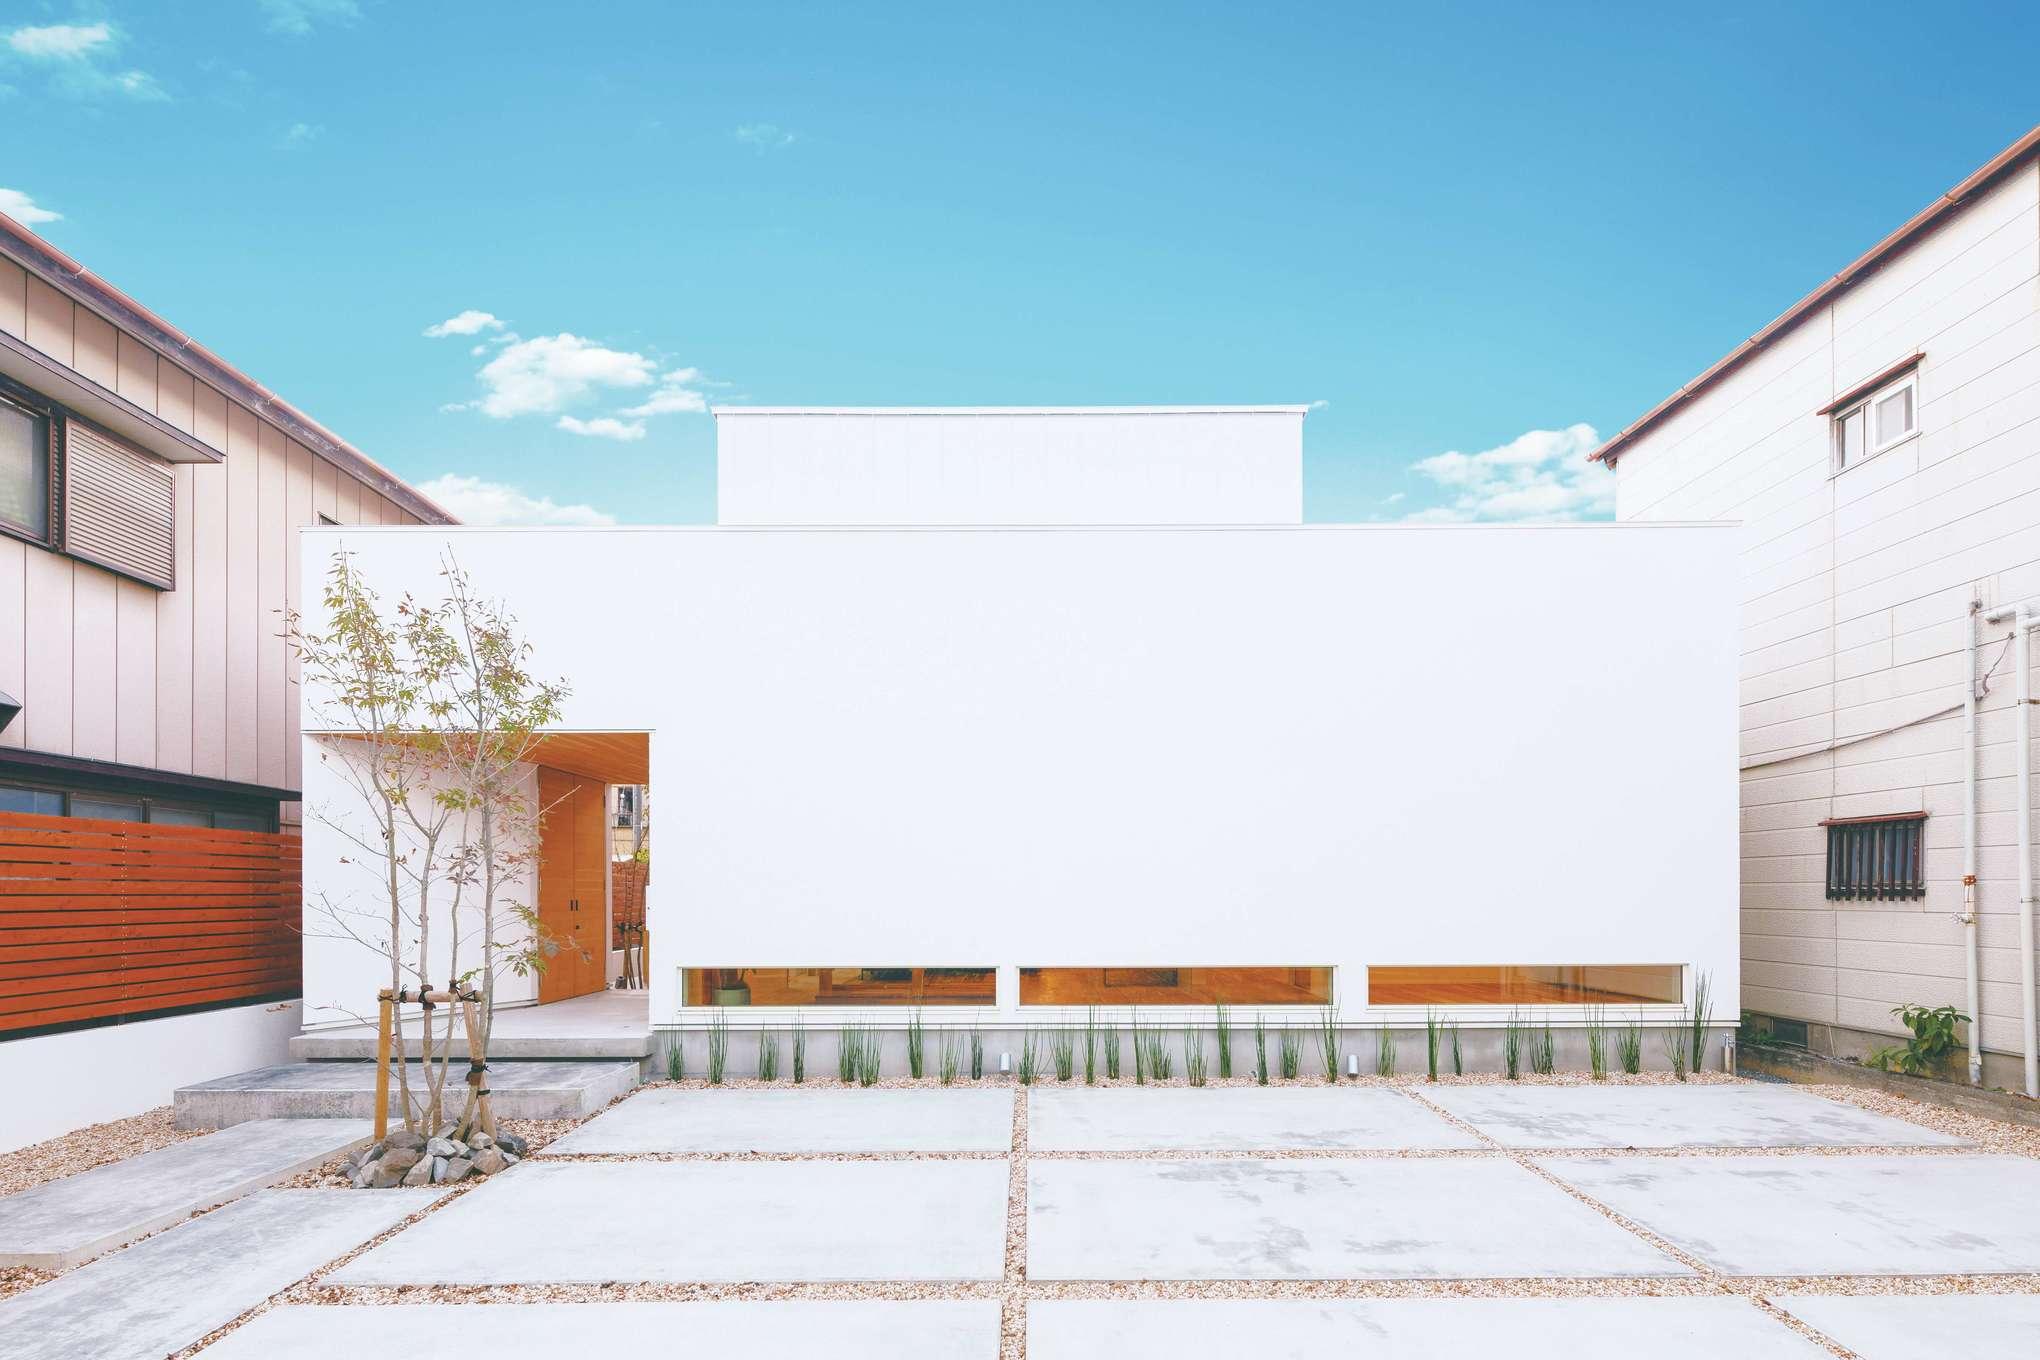 住家 ~JYU-KA~【デザイン住宅、間取り、建築家】開口部を極力減らした、シンプルを極めたファサード。ポーチを抜けた先はテラスへと続く